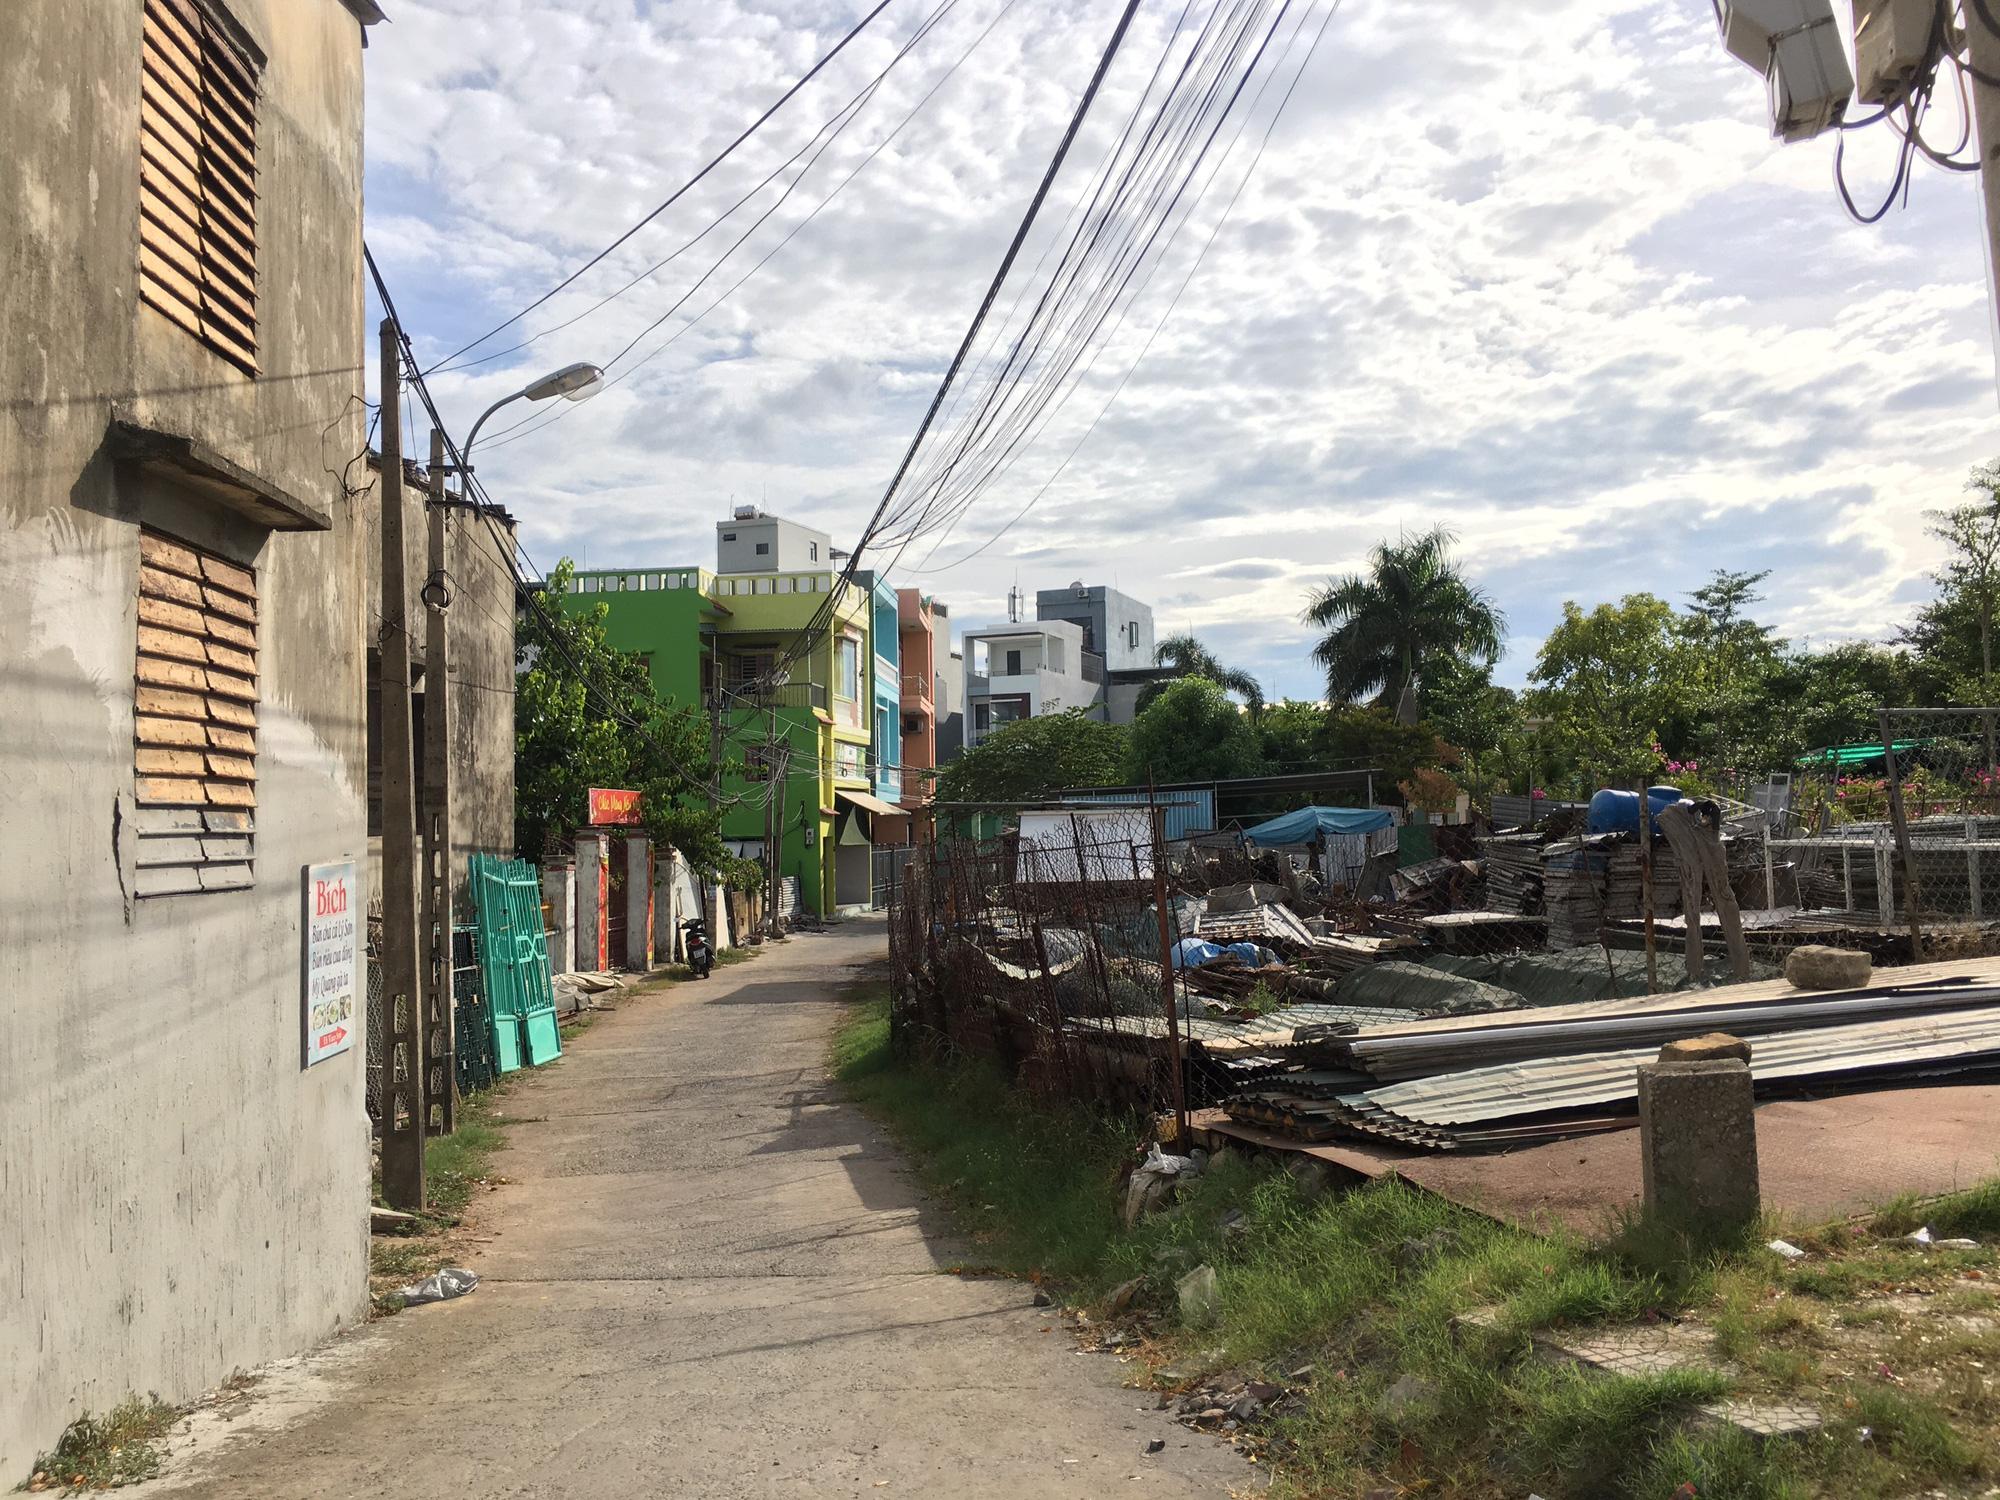 Cận cảnh hai khu đất mặt tiền đường Võ Văn Kiệt - Ngô Quyền, Đà Nẵng sẽ đấu giá xây dựng dự án cao 30 tầng - Ảnh 6.